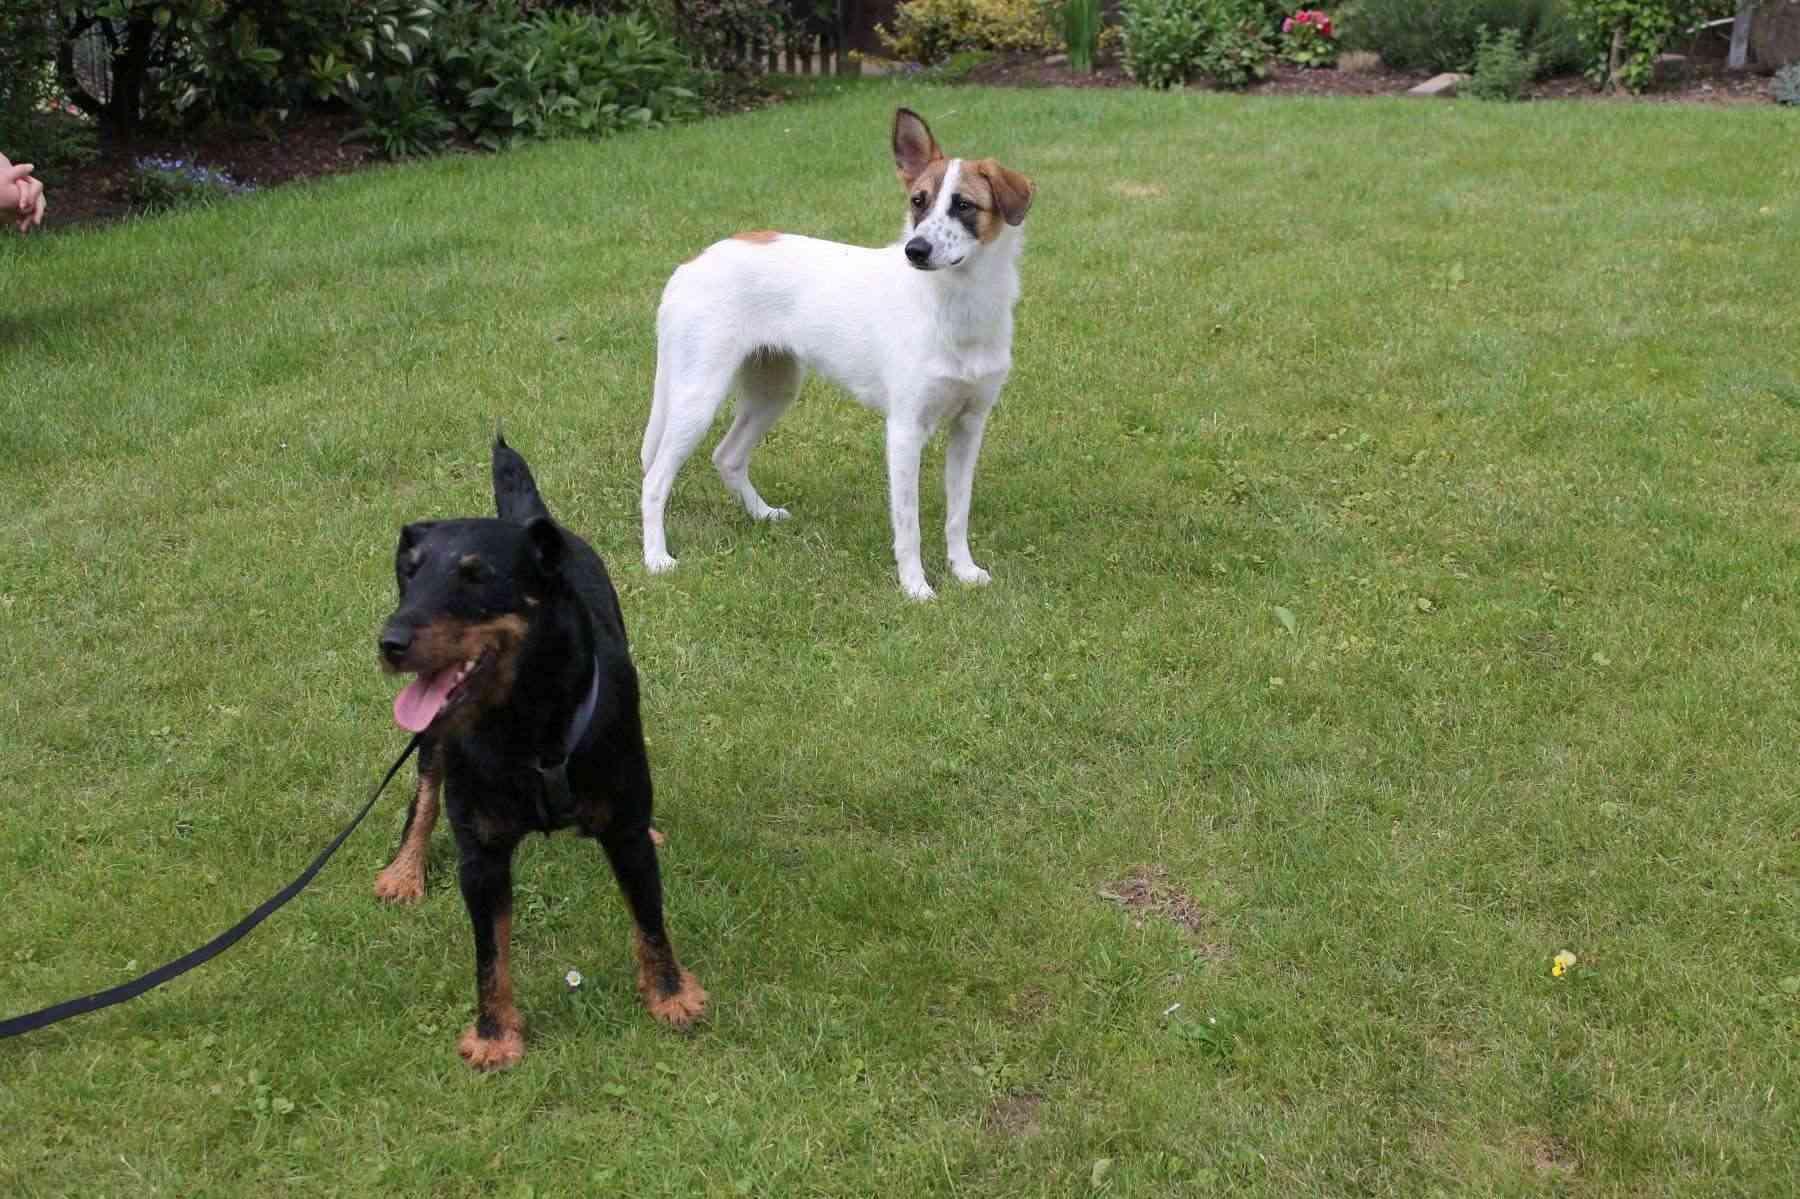 Belgique - WATSON jagd terrier  1 an, avant mercredi !!! Verviers ... adopté en Allemagne par Barbara Watson11